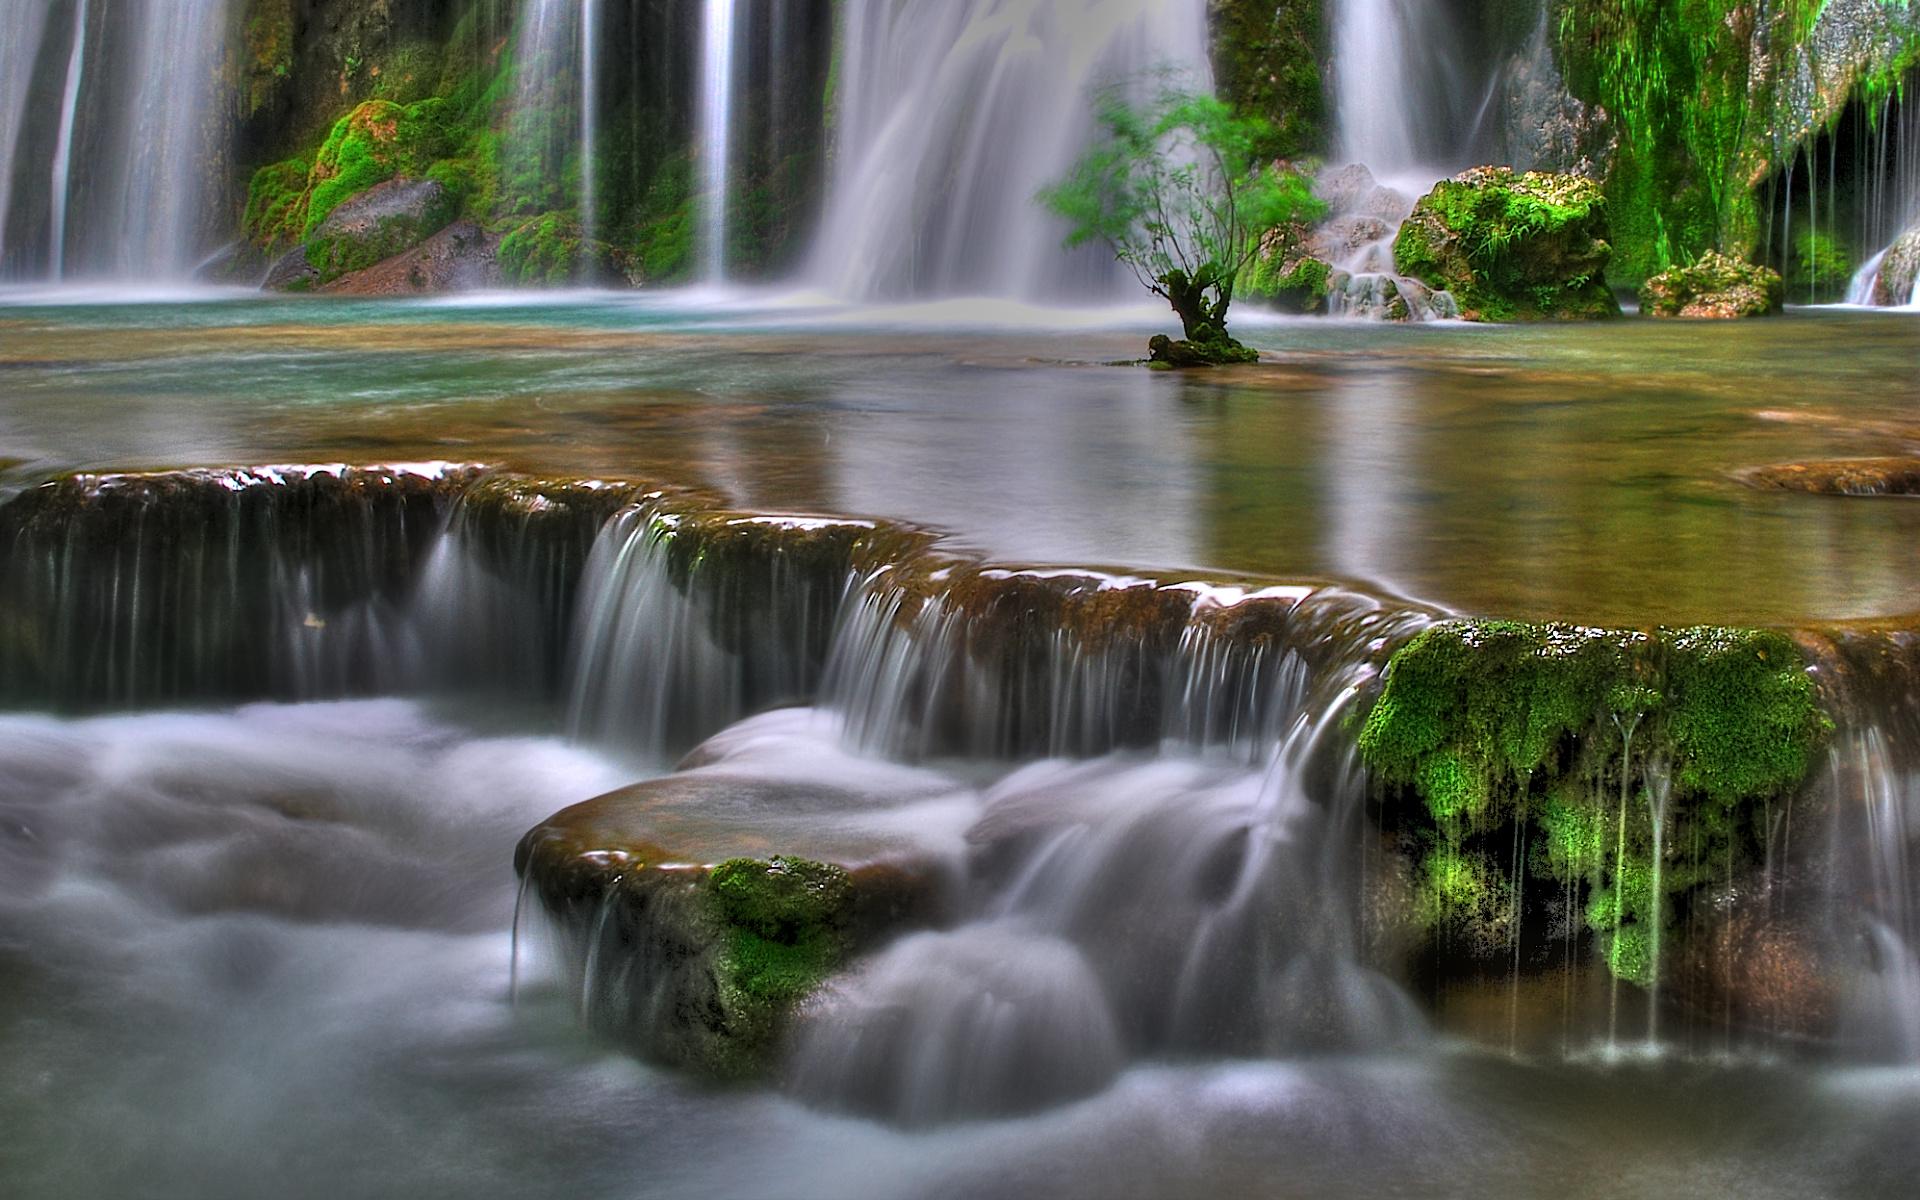 обои на рабочий стол водопады весной № 57899 бесплатно